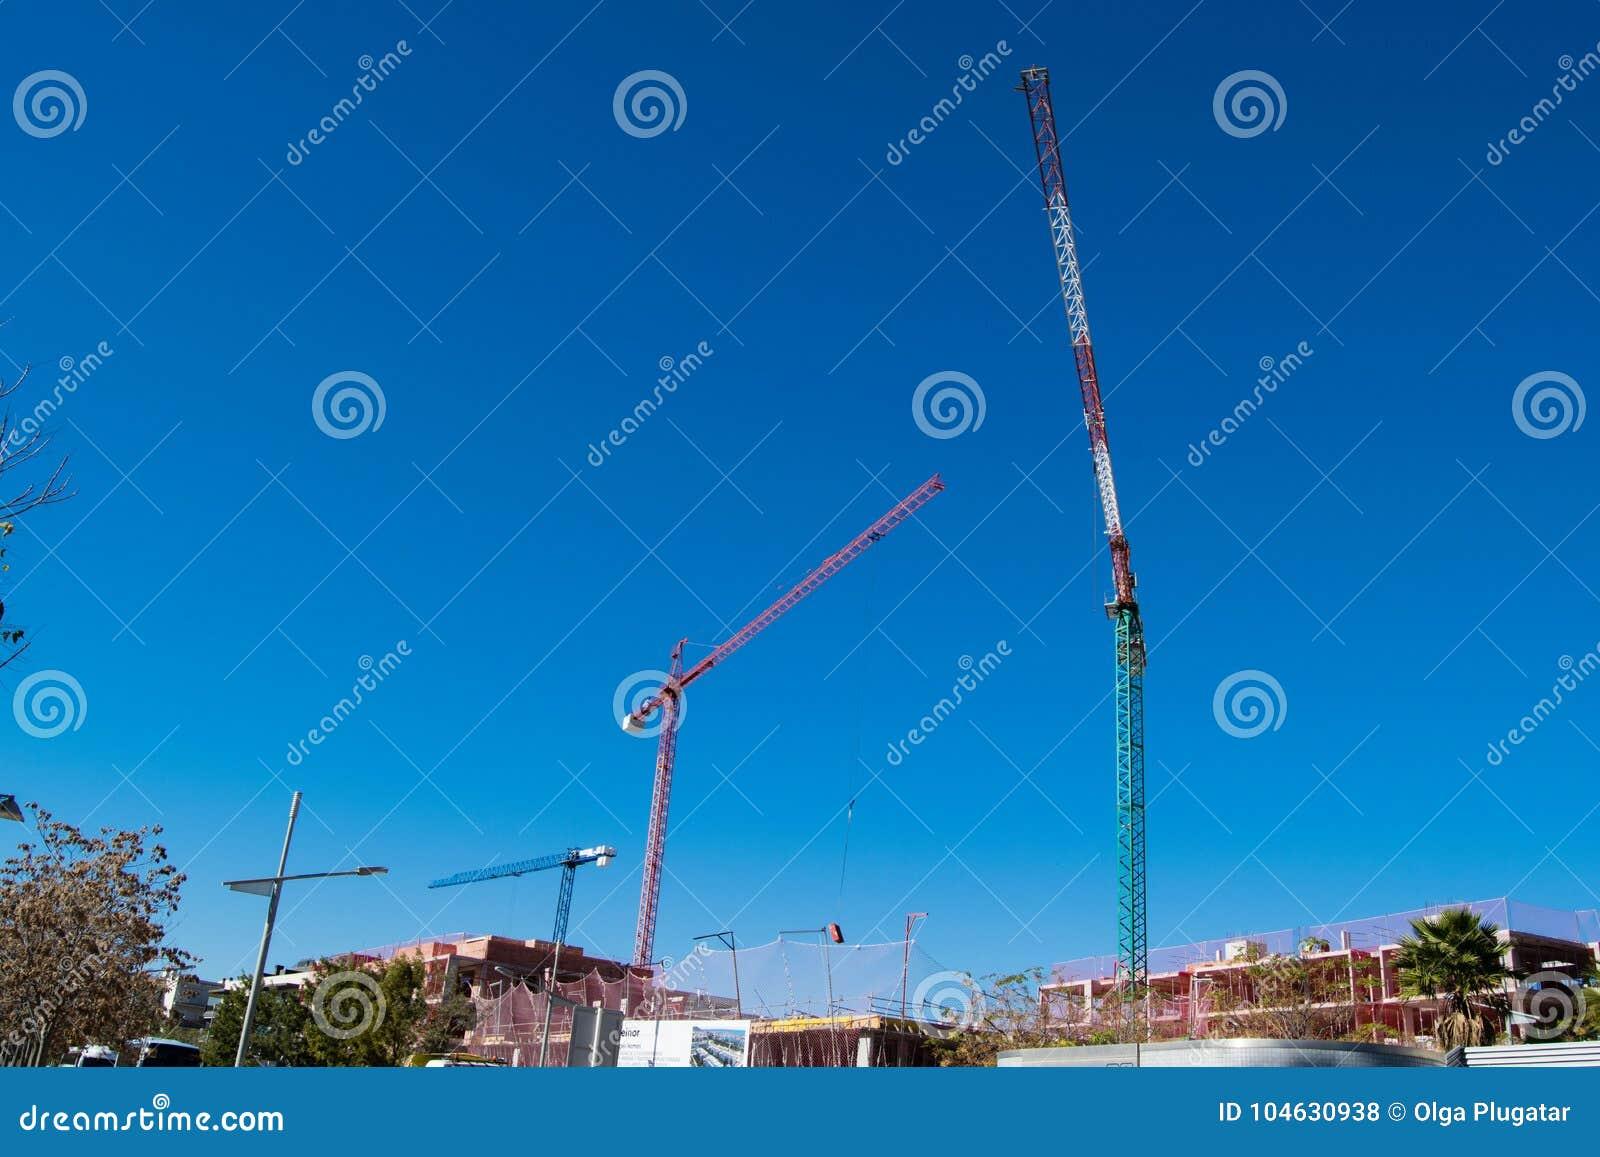 Download Drie Grote Hoge Kranen Onder Een Nieuwe Bouw Stock Foto - Afbeelding bestaande uit collectief, kraan: 104630938